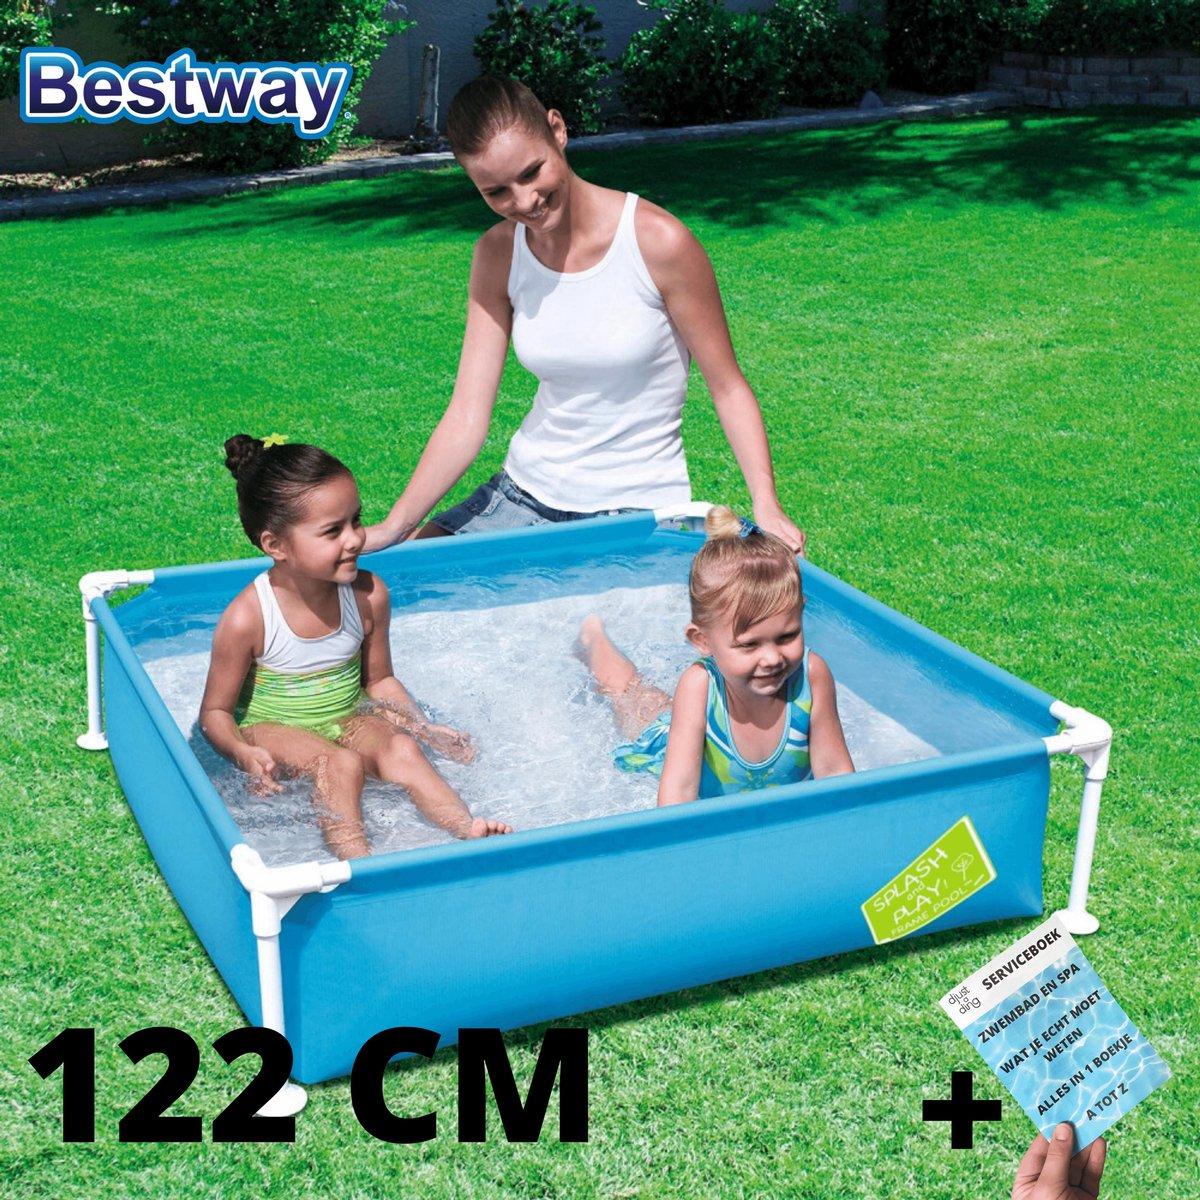 Mini Frame Zwembad Blauw 122 x 122 x 30 Kinderzwembad Opzetzwembad 122x122 cm Peuter Frame Zwembad Pierenbad van Bestway + Serviceboek DjustADing